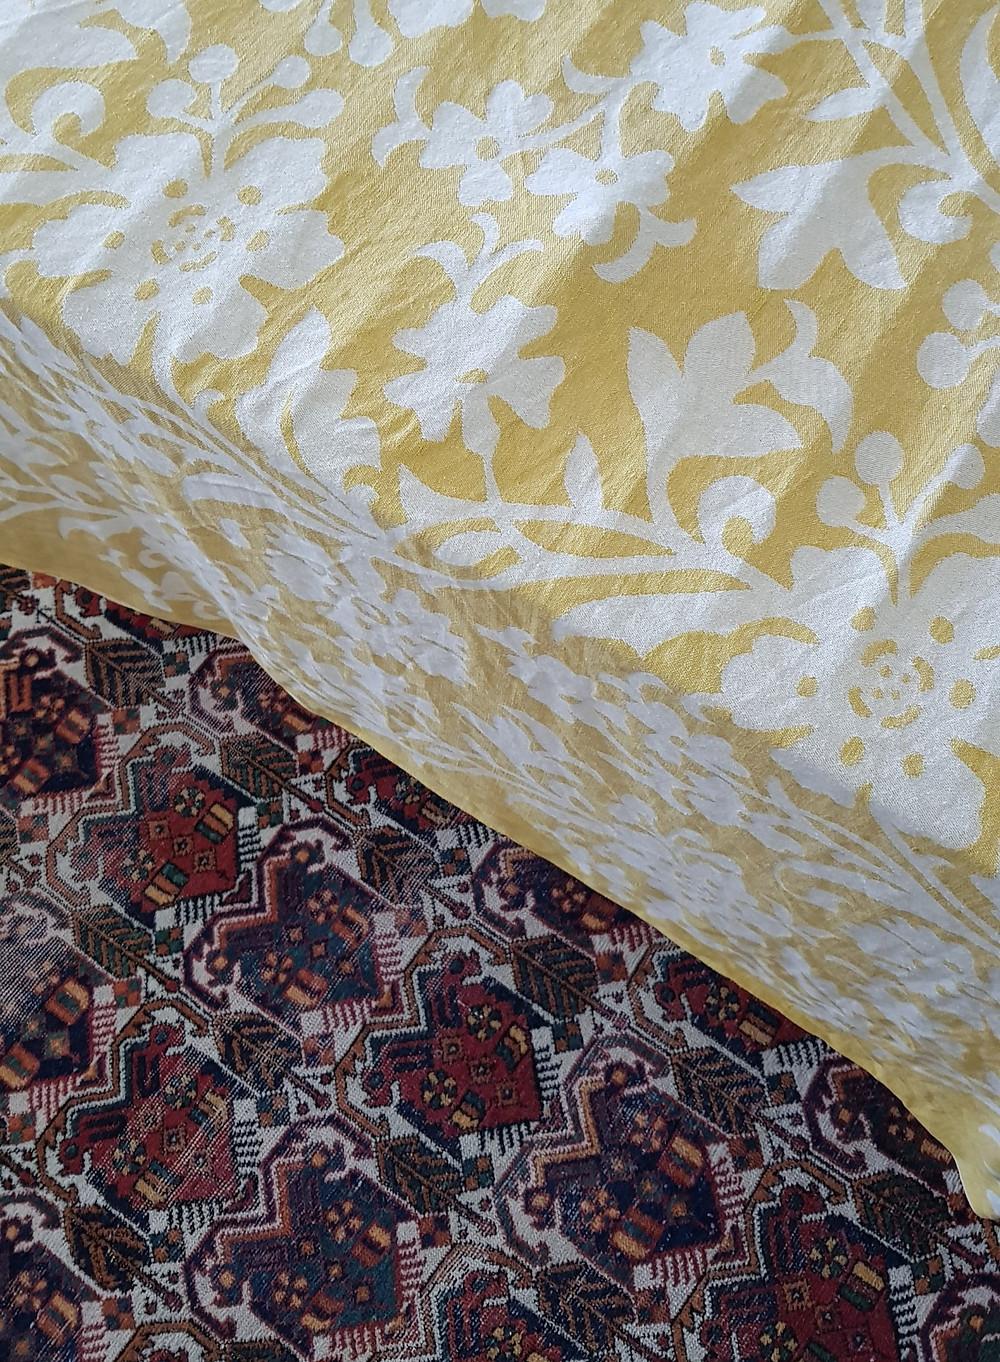 Kuvassa näkyy uusi keltainen pöytäliina valkoisilla kukilla kuivumassa kuivaustelineessä. Kuva on otettu ylhäältä päin ja taustalla näkyy punainen itämainen matto.